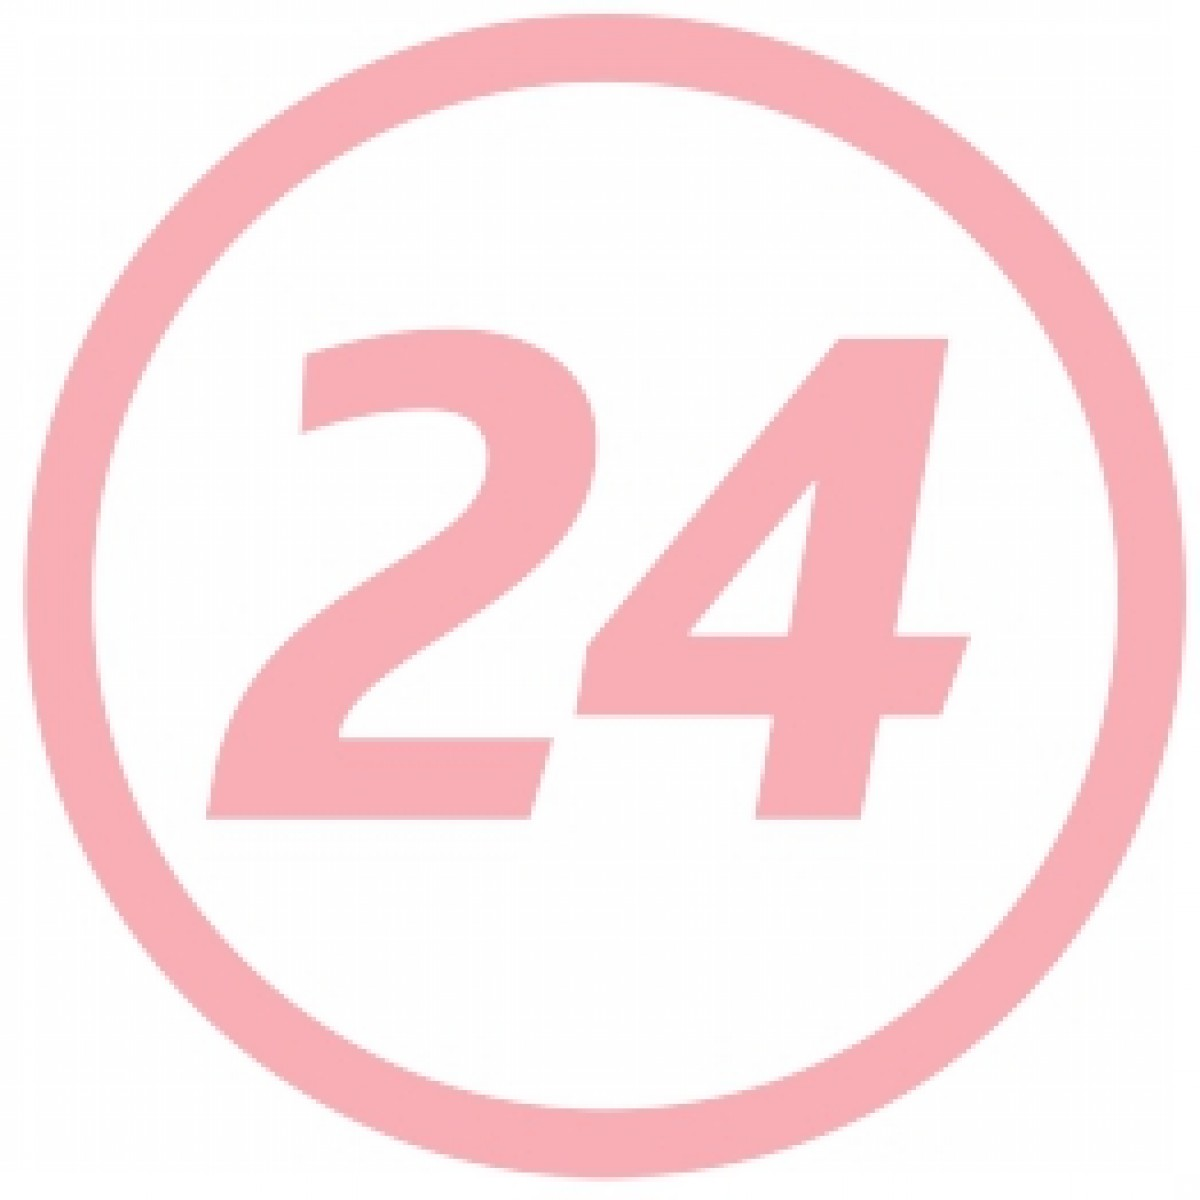 Hartmann Molicare Mobile Chilot Adulti pentru Incontinenta Severa Marimea L, Scutece Adulti, 14buc